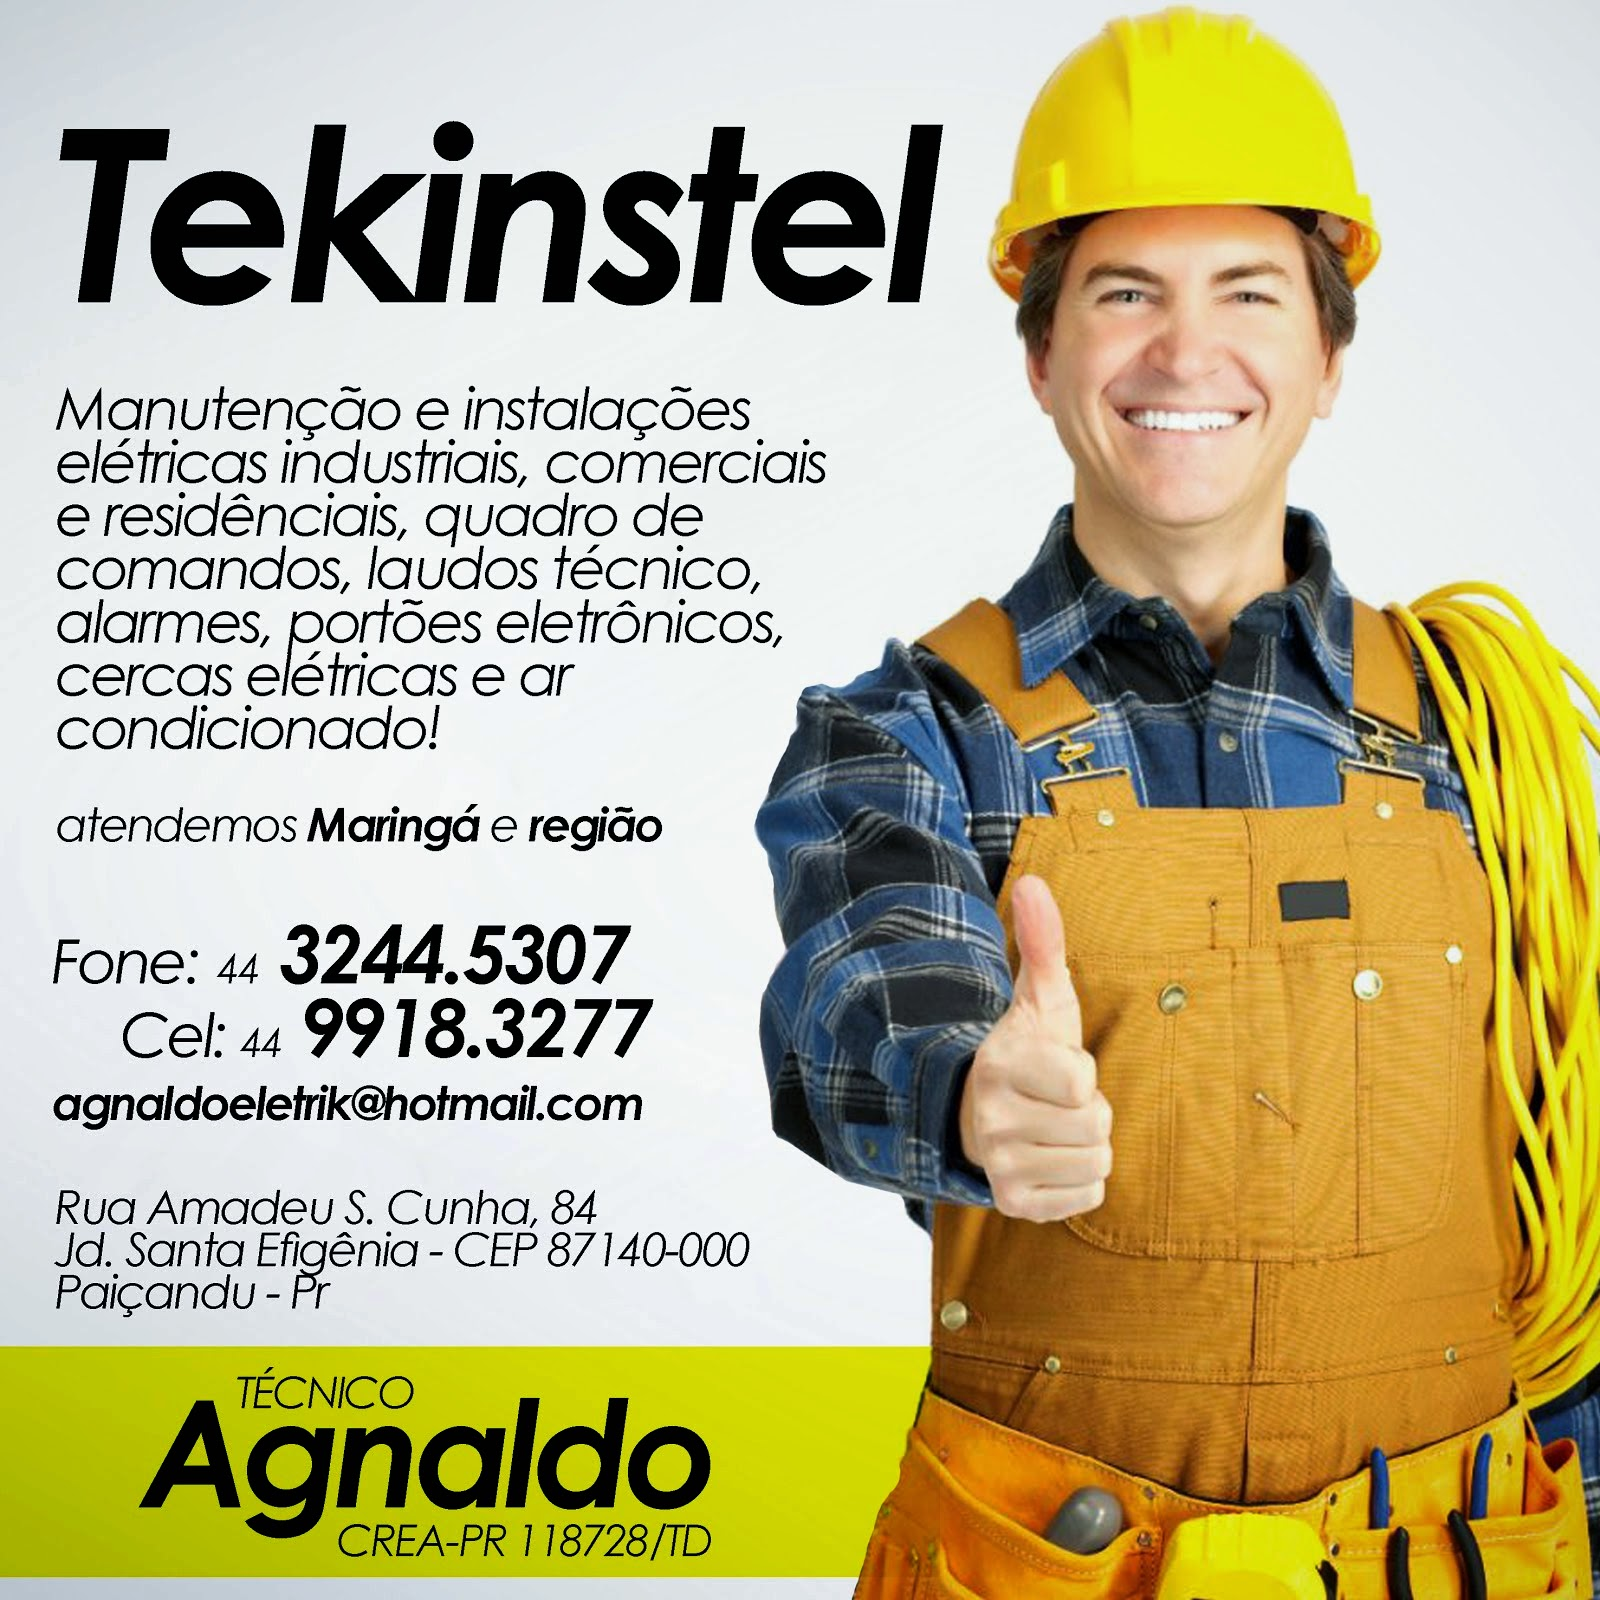 Técnico Agnaldo  CREA -PR 118728/TD (Clique sobre a imagem para empliar)